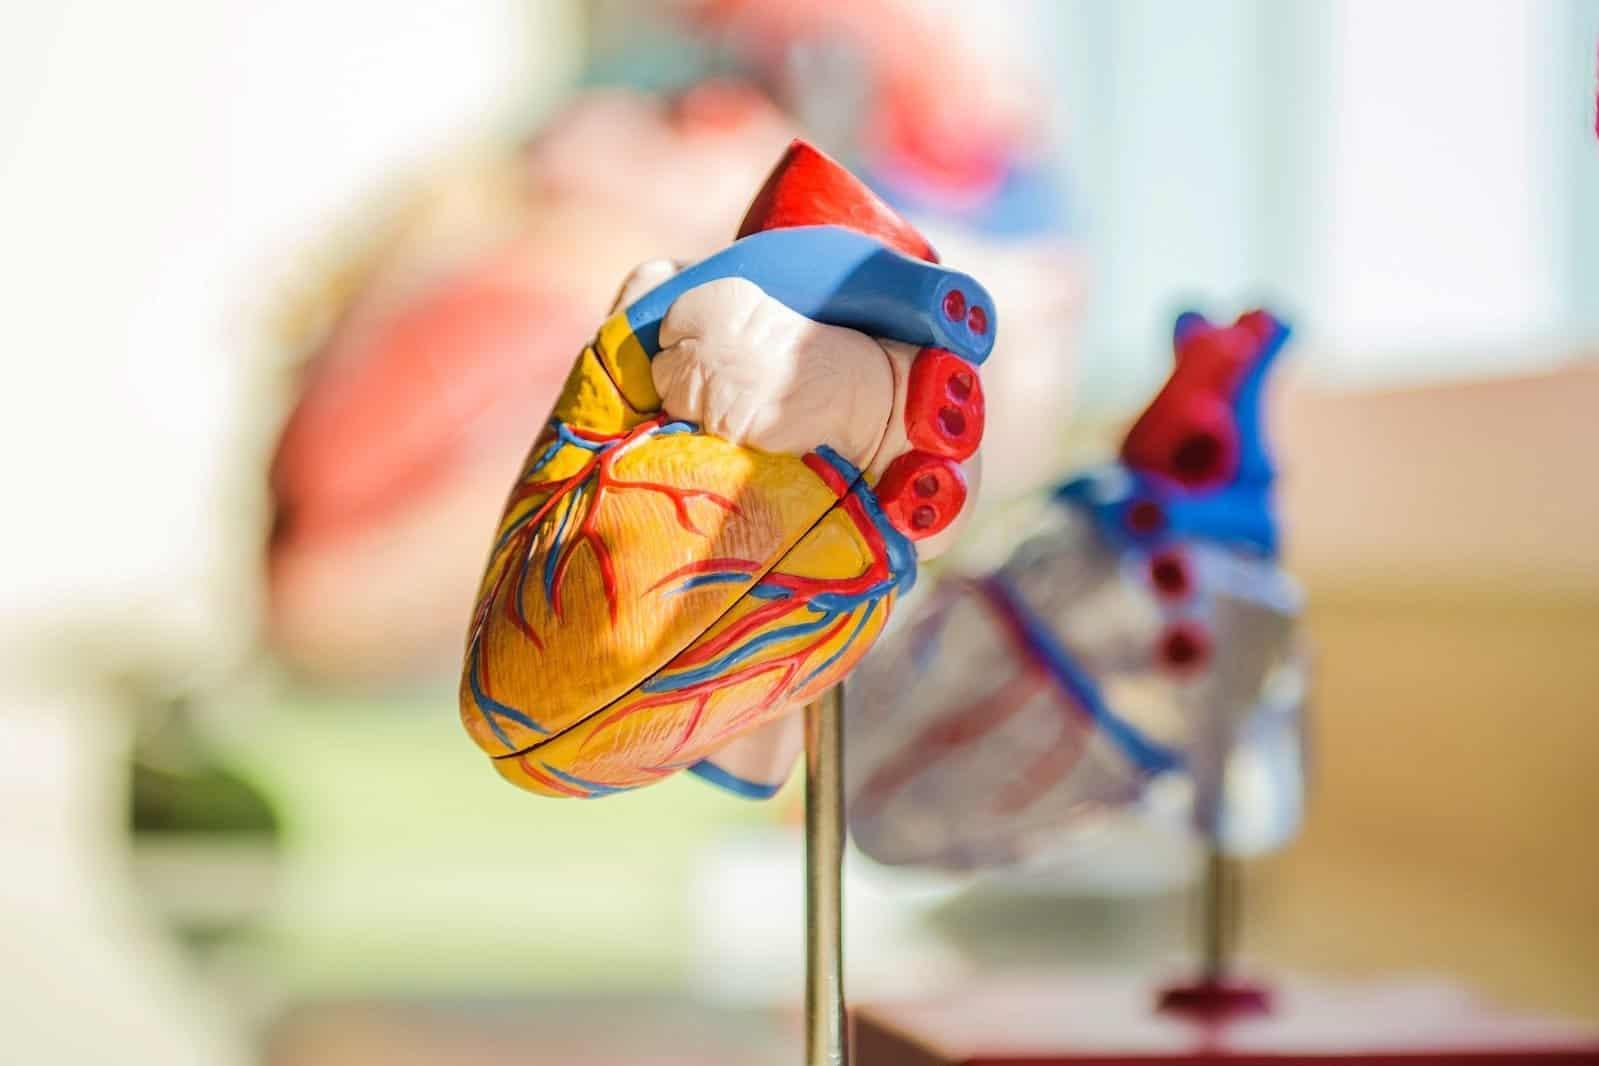 innovazione tecnico-scientifica: verso un cuore artificiale